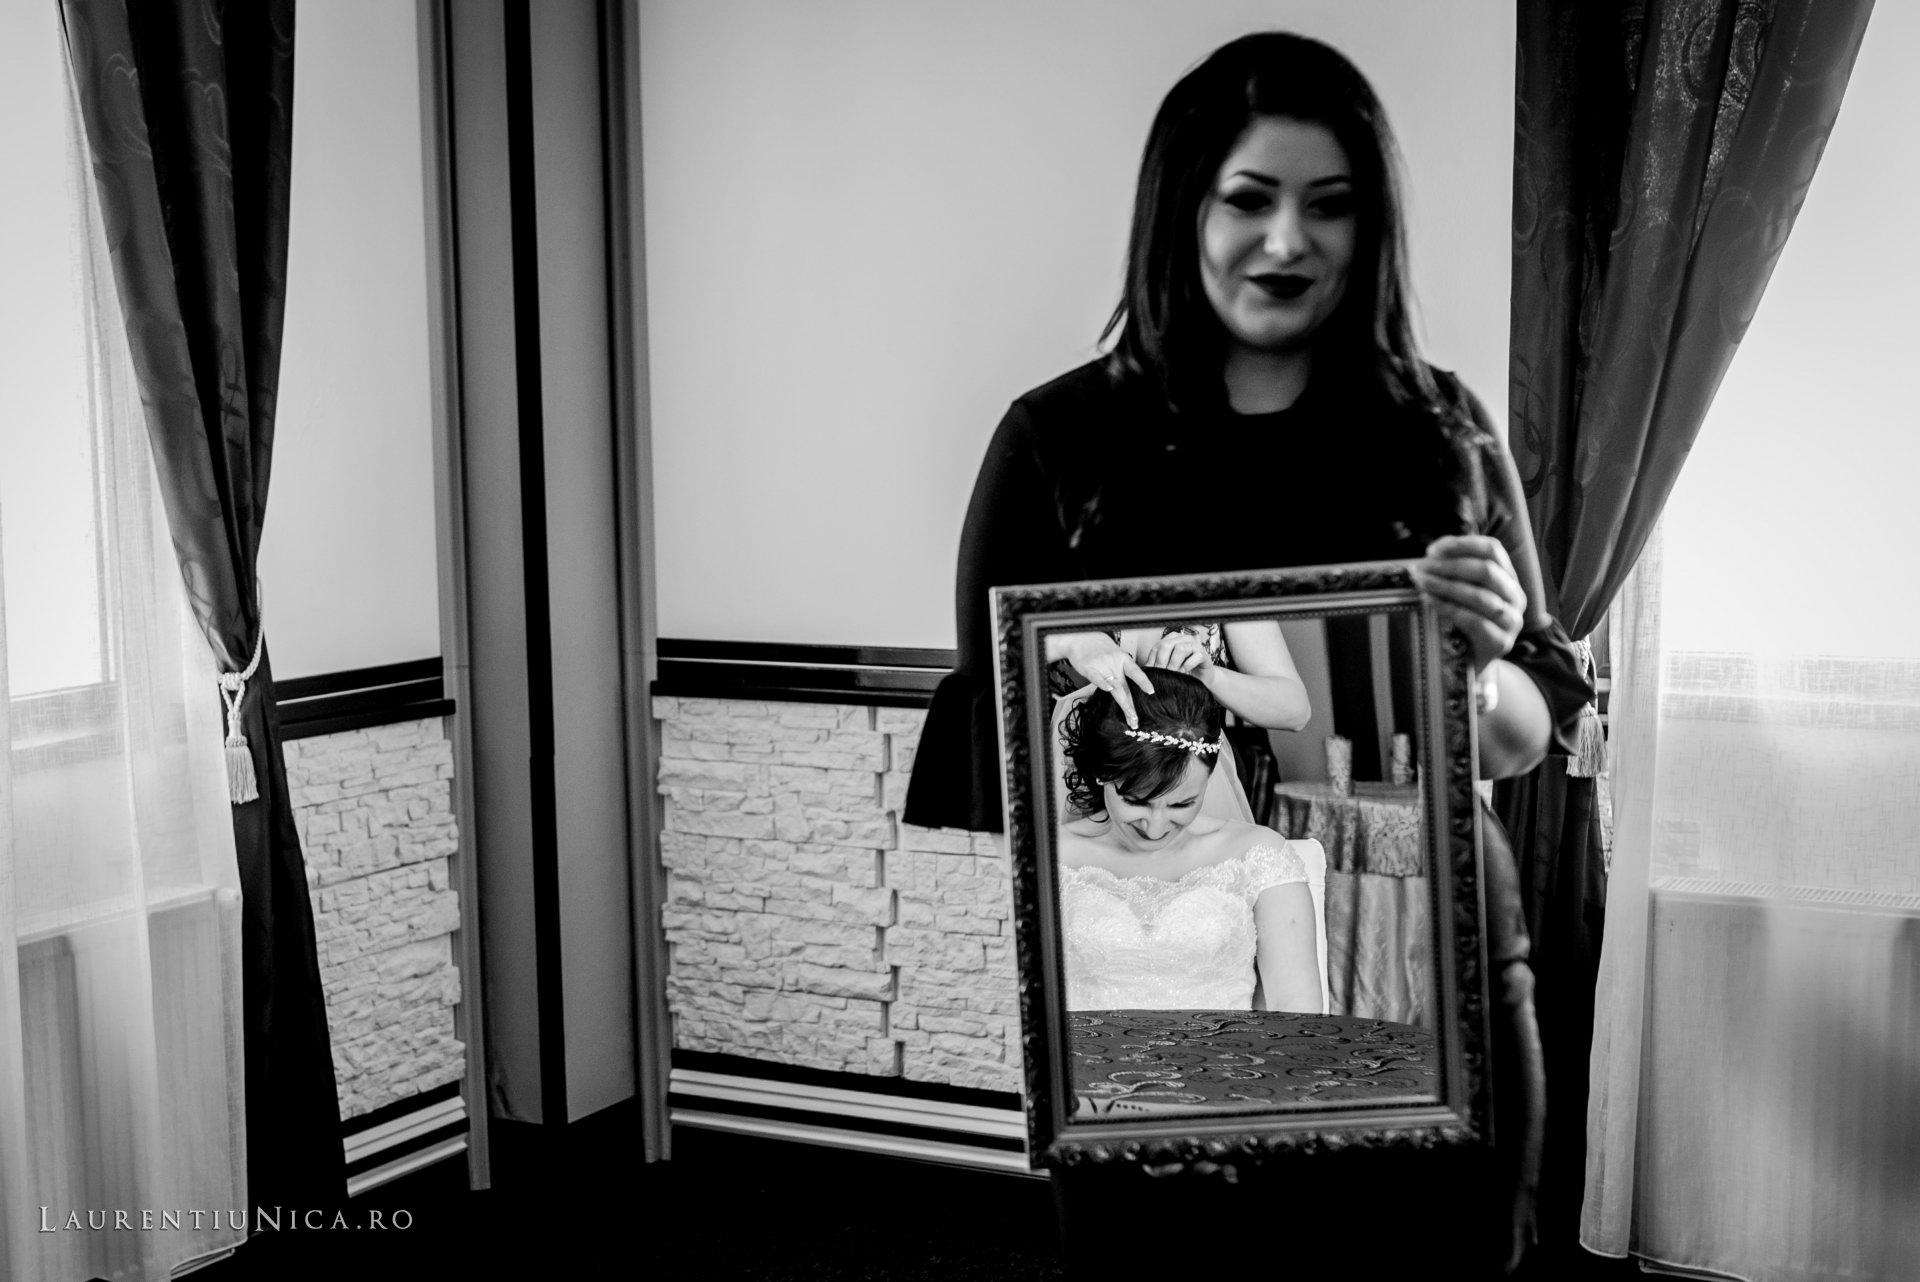 daniela si marius fotografii nunta craiova laurentiu nica14 - Daniela & Marius | Fotografii nunta